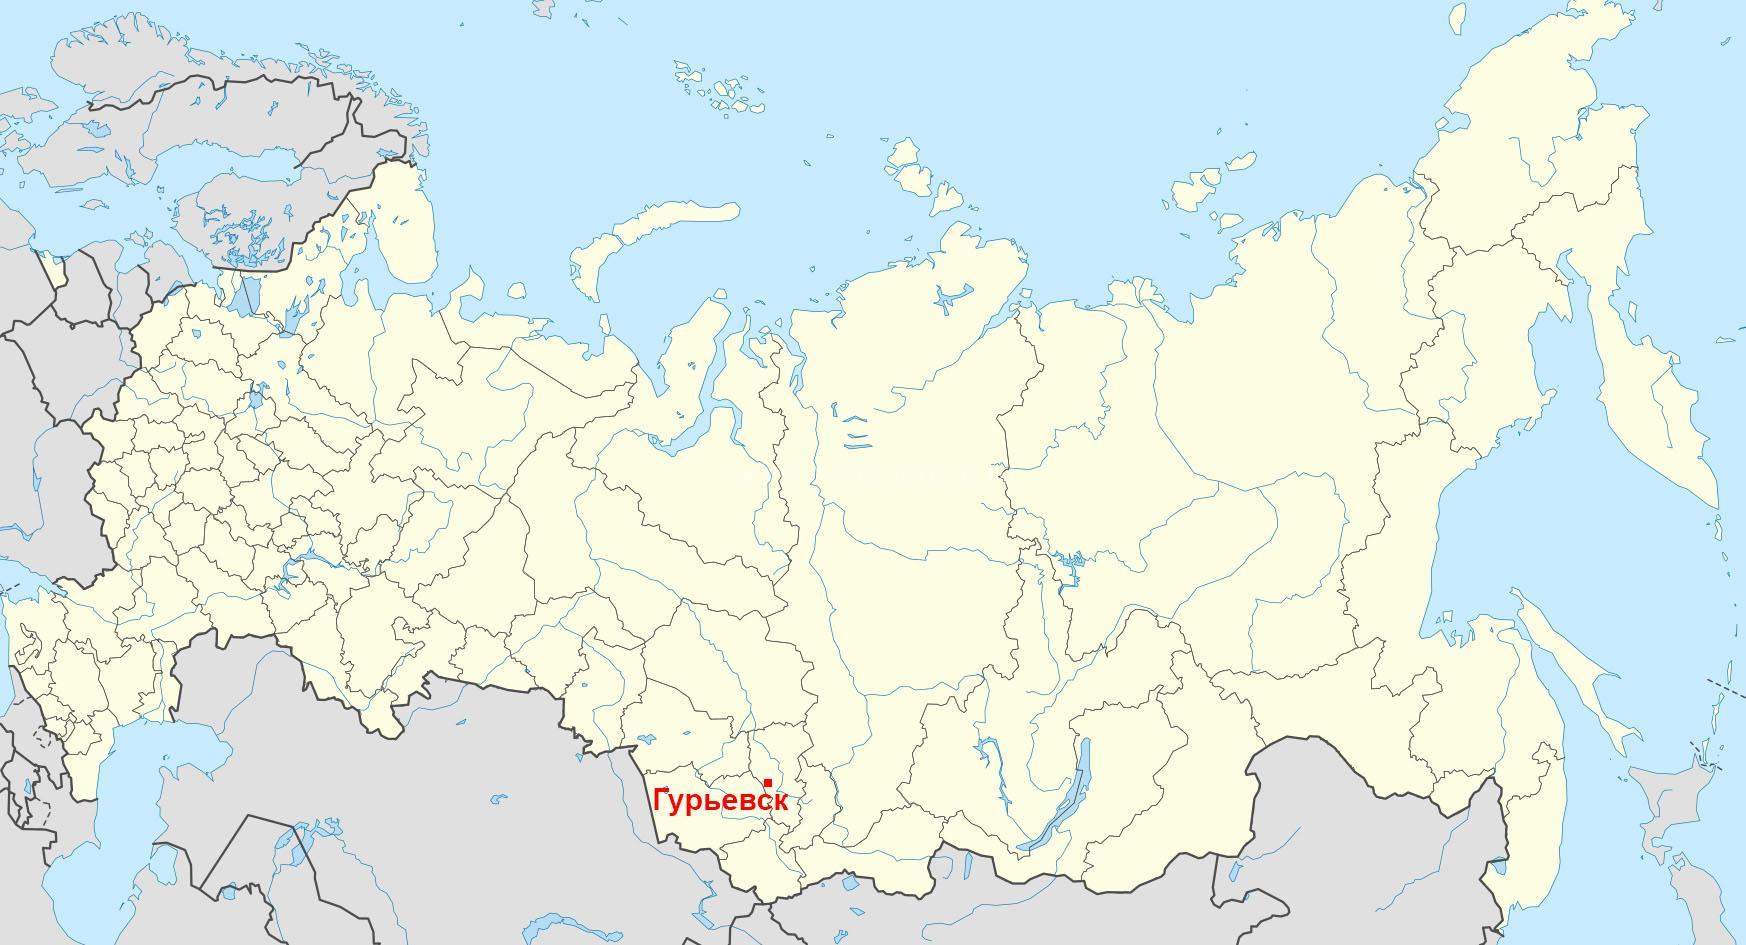 Город Гурьевск в Кемеровской области на карте России